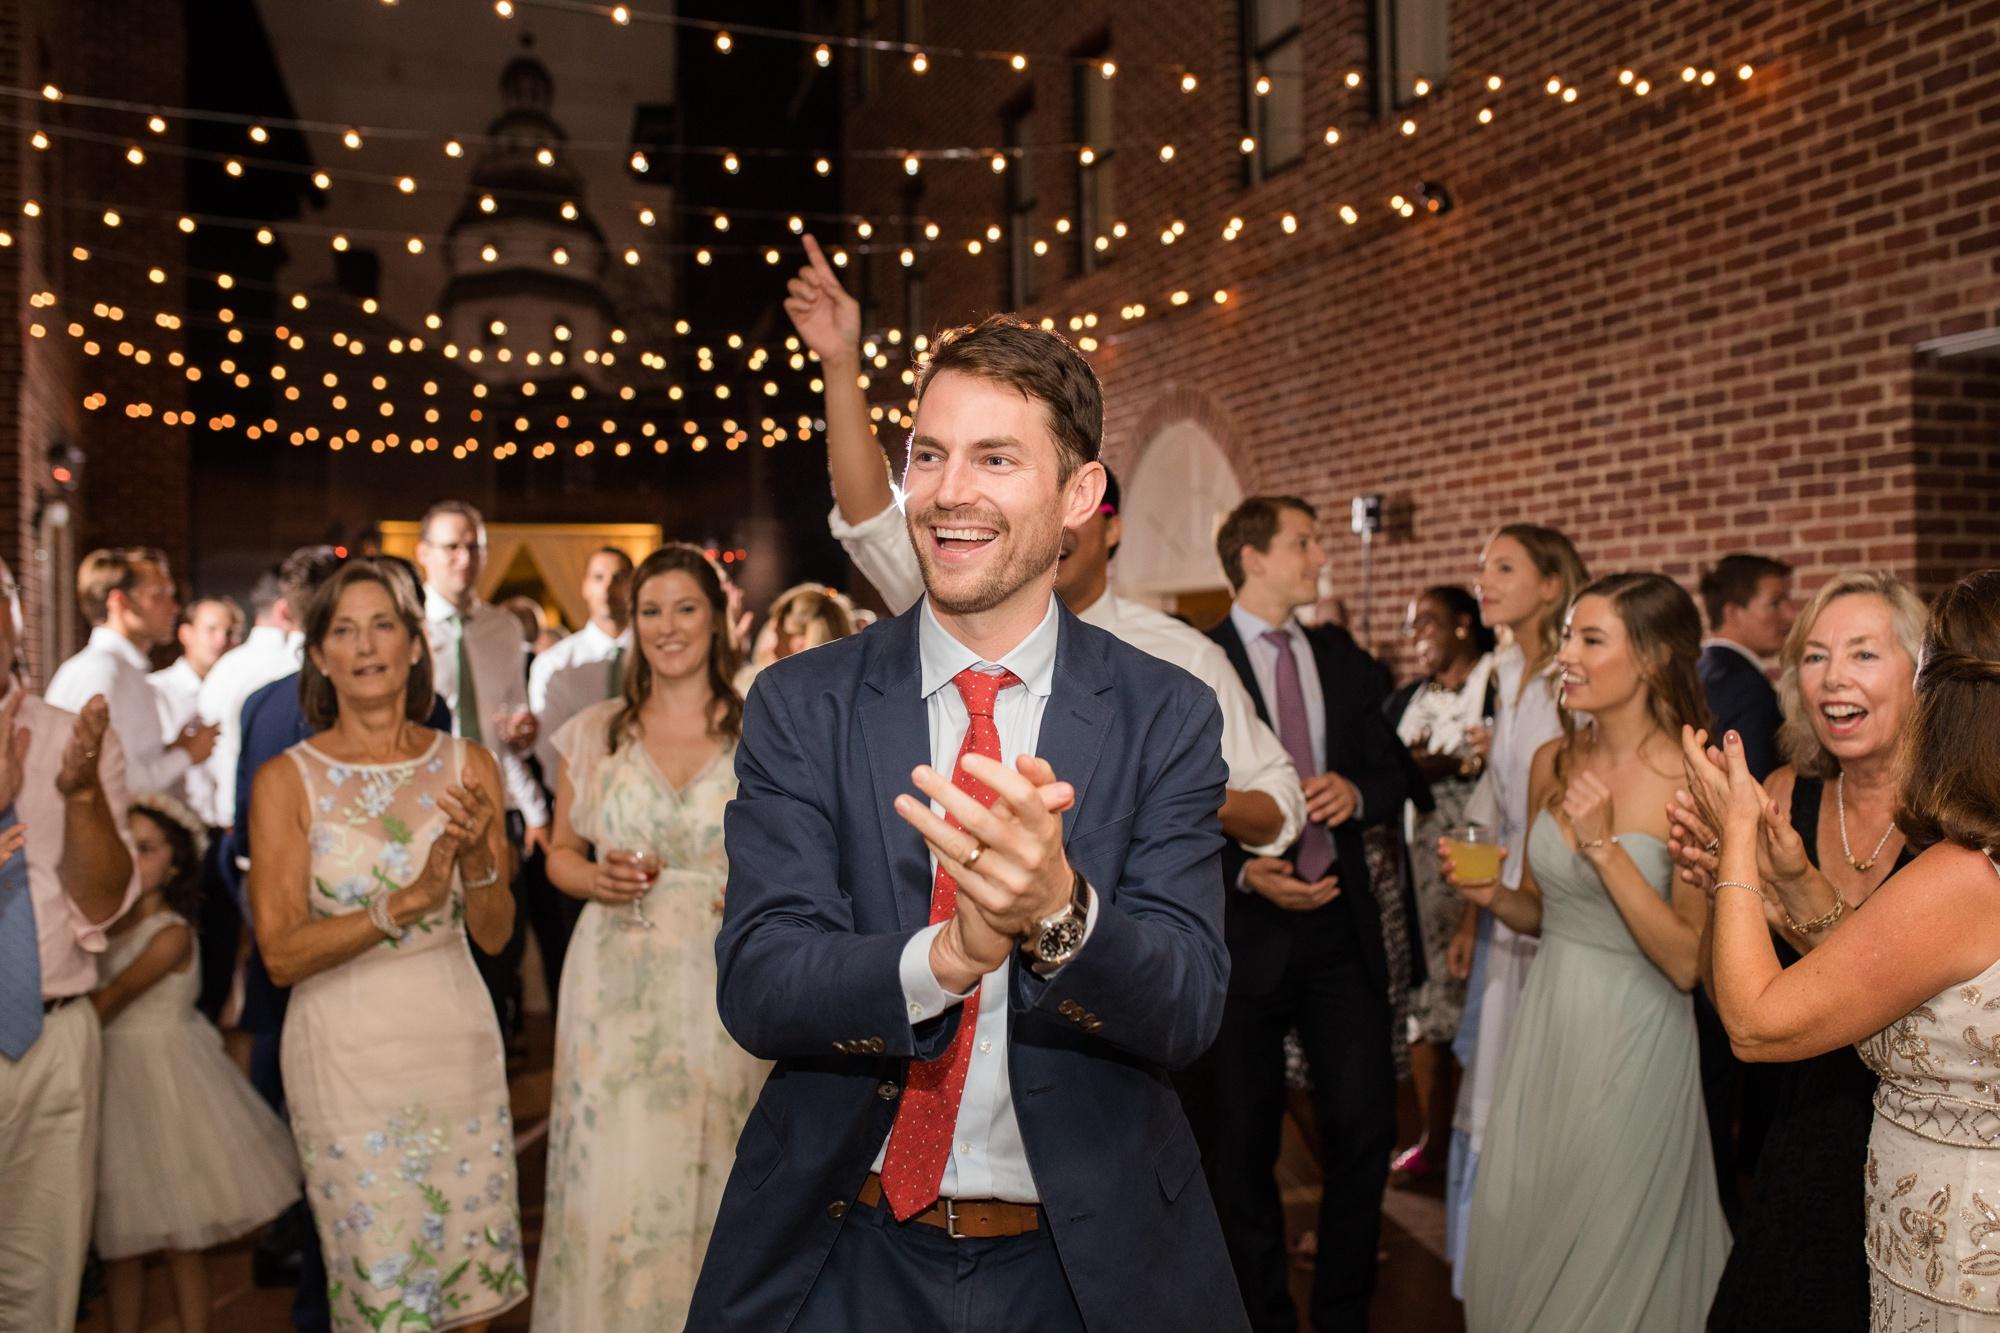 Governor Calvert House wedding reception